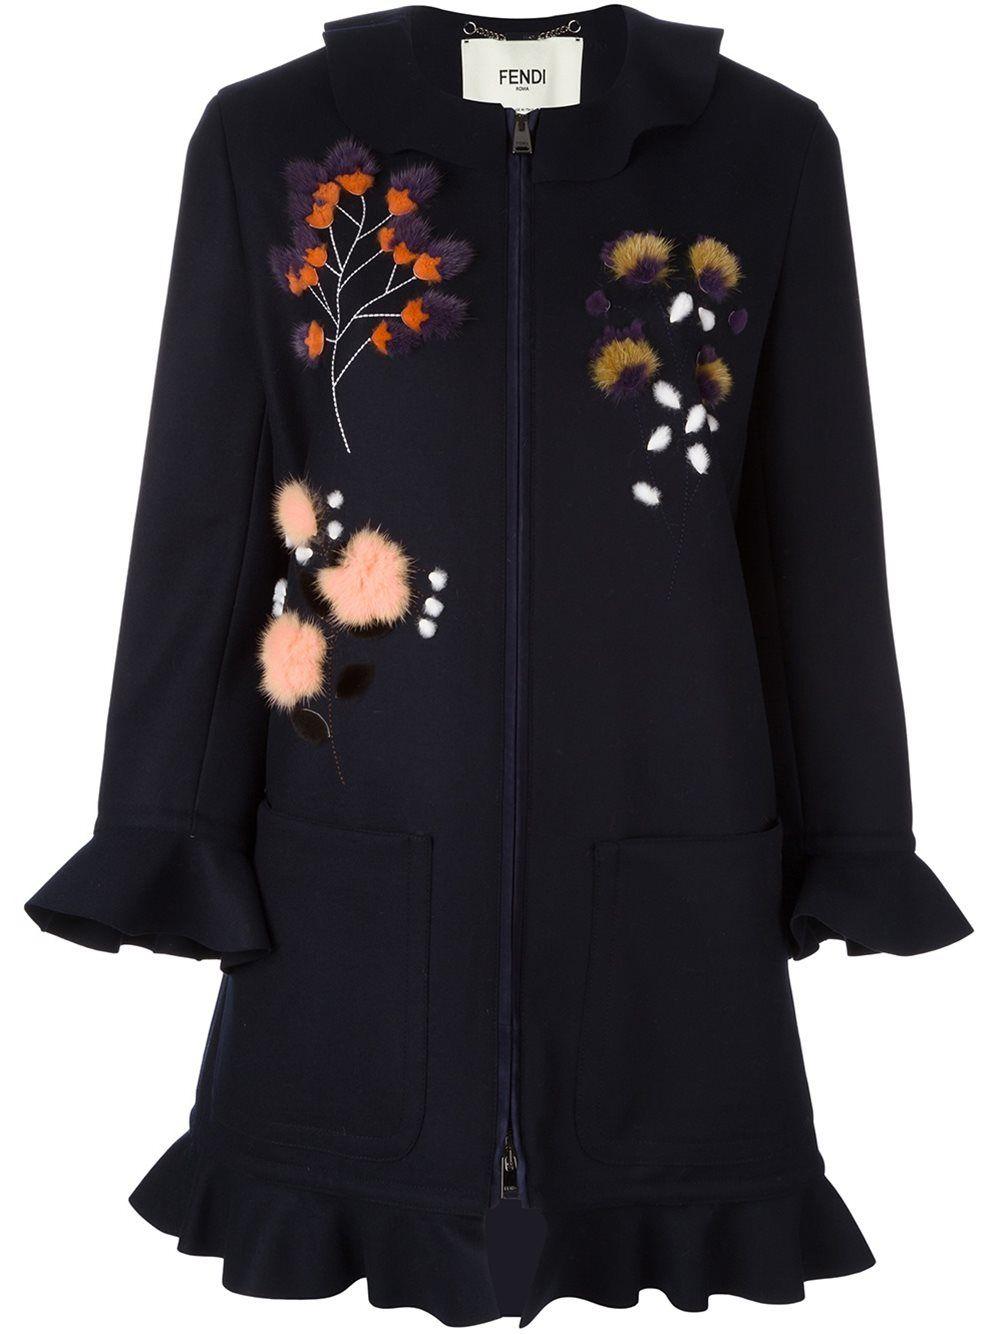 ABRIGOS DE CUERO MADRID  abrigos  chaquetadecuero  cuero  madrid aeba87f7ef05